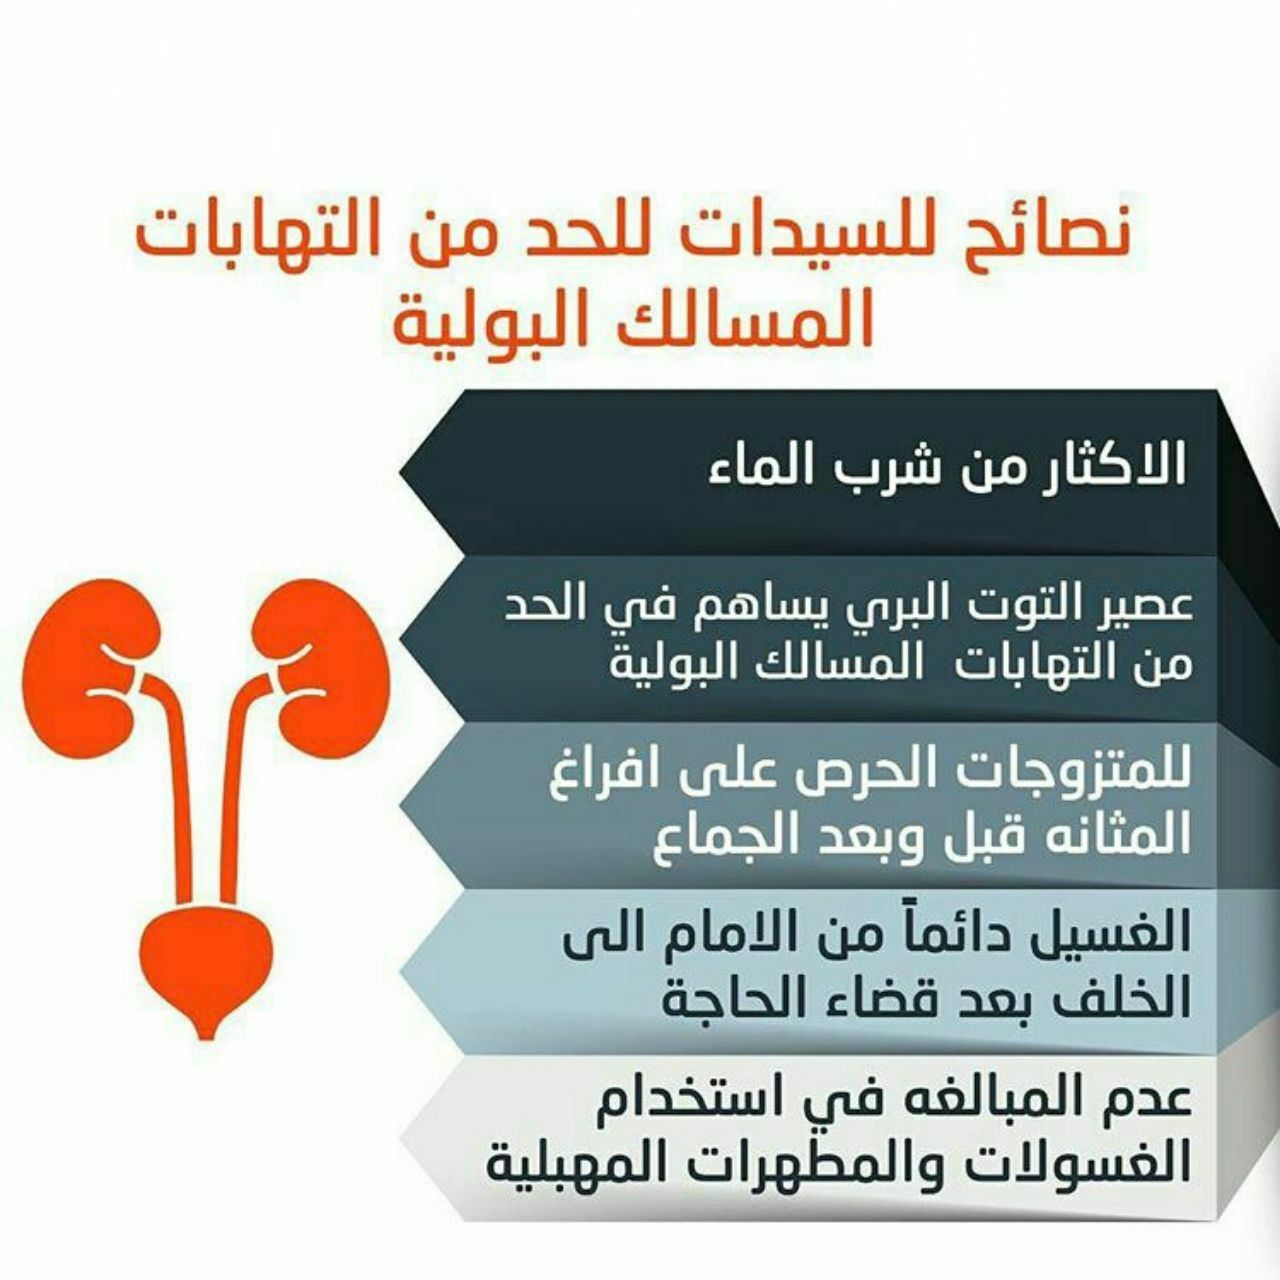 نصائح للسيدات للحد من التهابات المسالك البولية Health Advice Health Advice